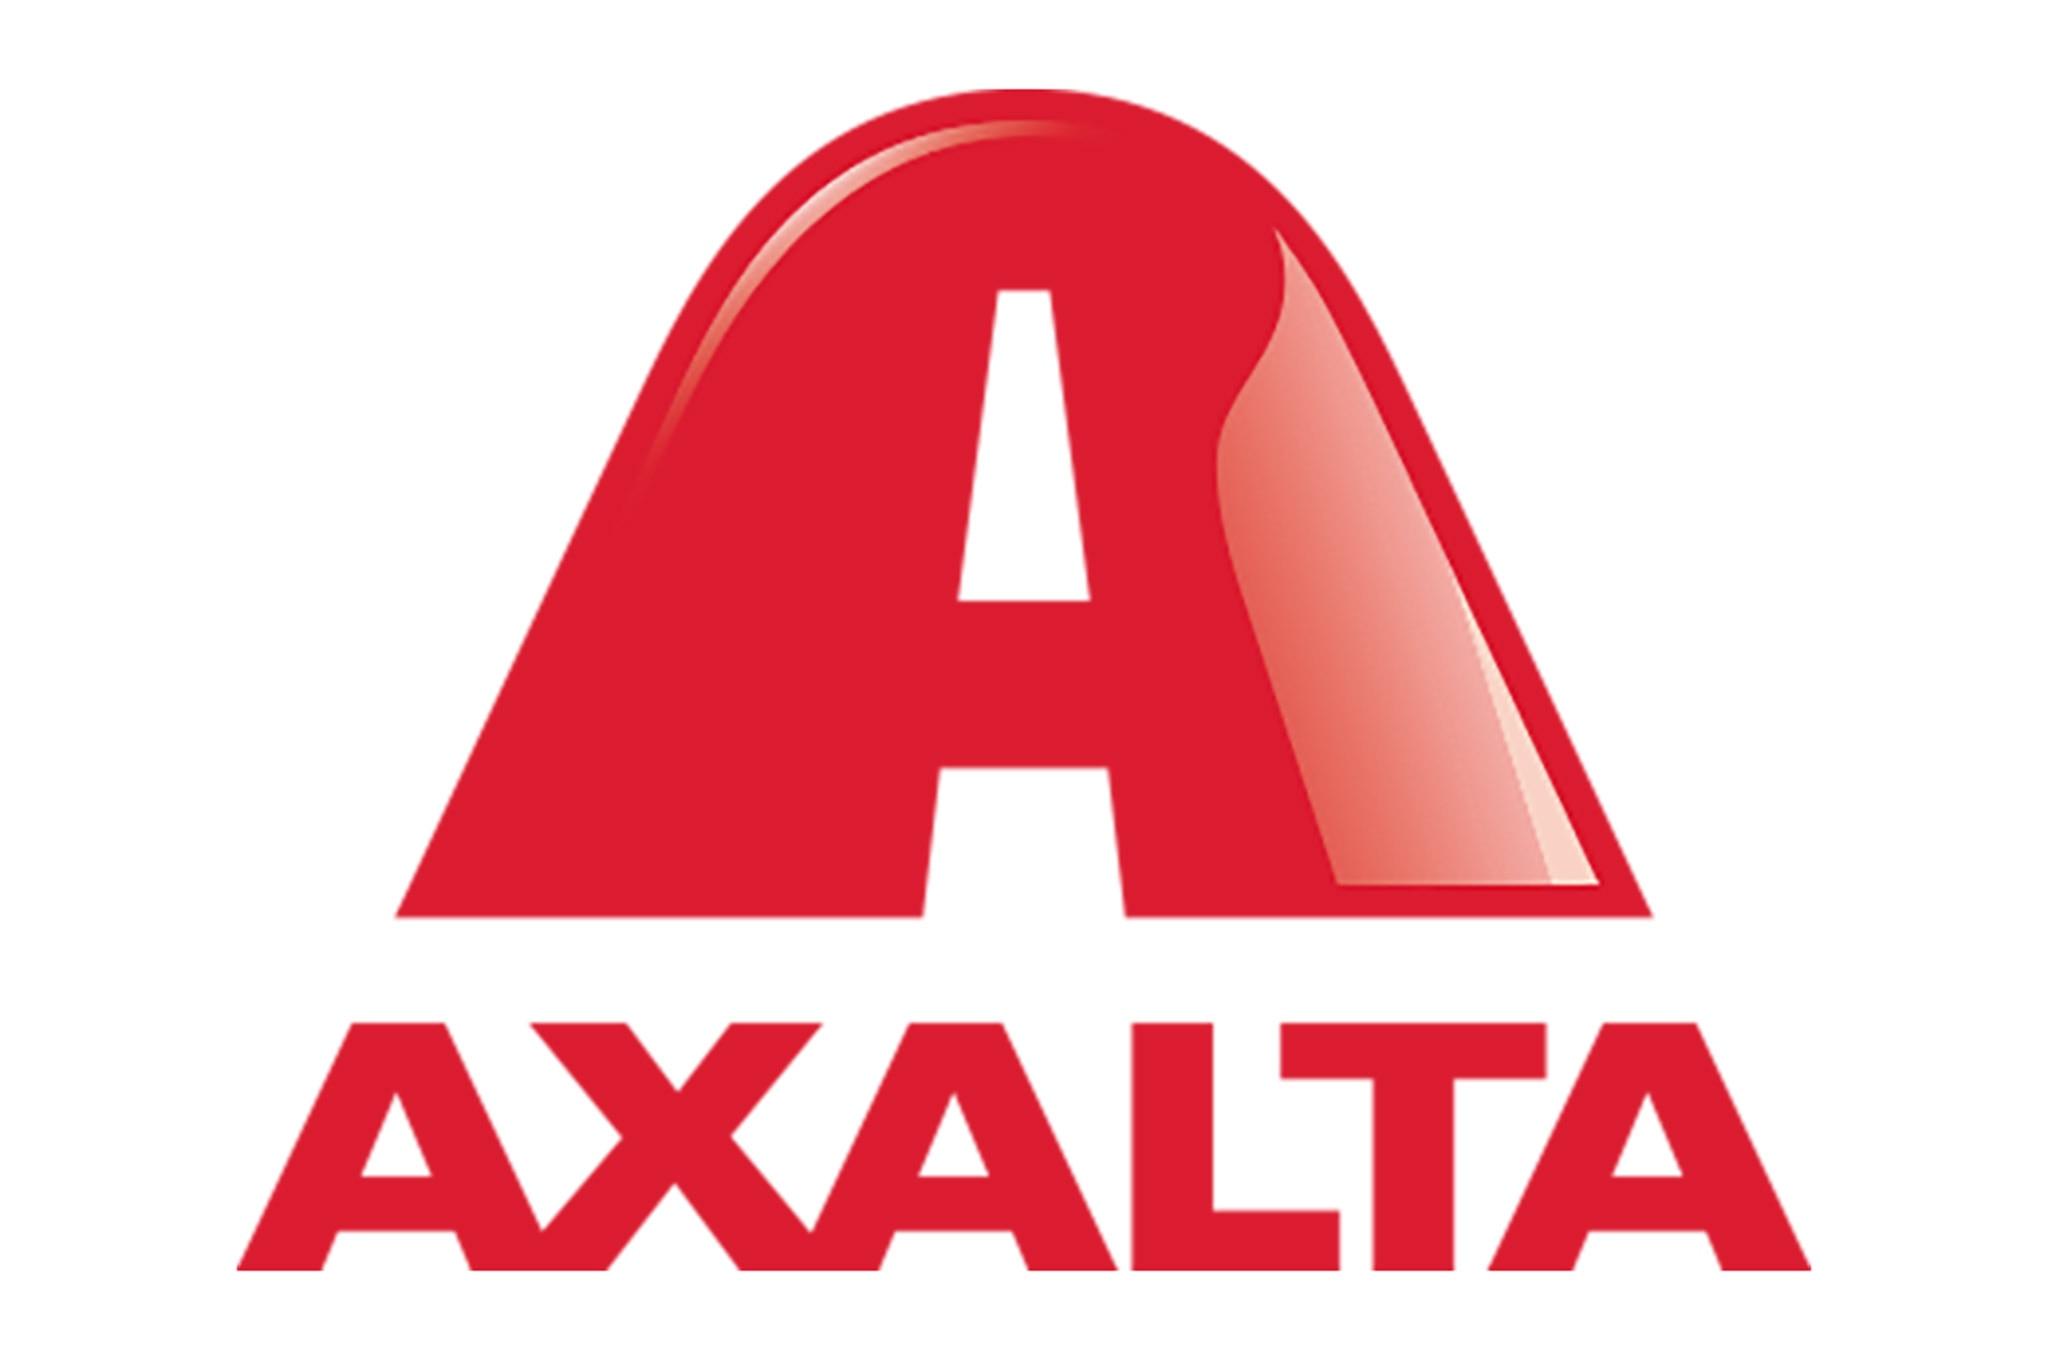 Axalta A Logo